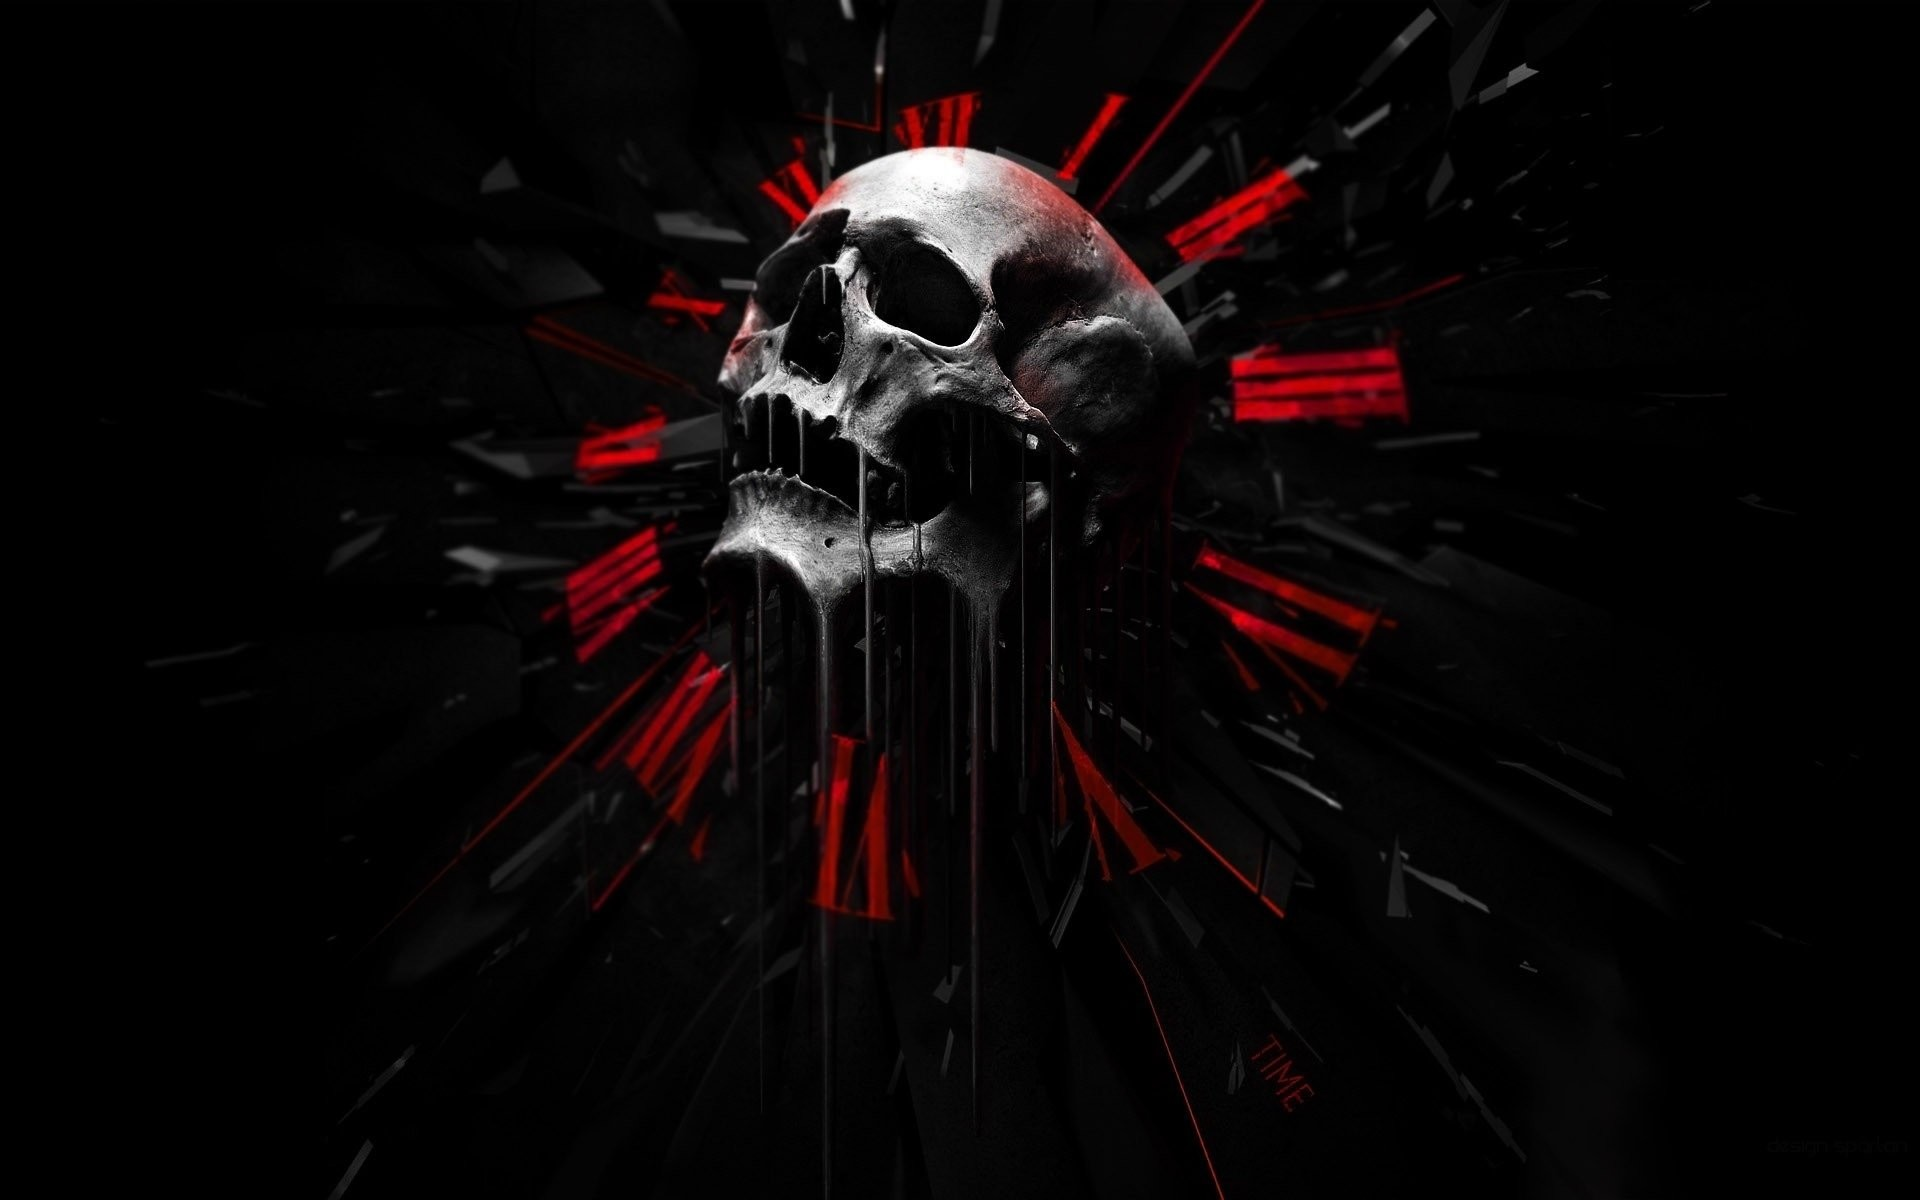 Skulls – Dark Abstract Black Red Wallpaper At Dark Wallpapers